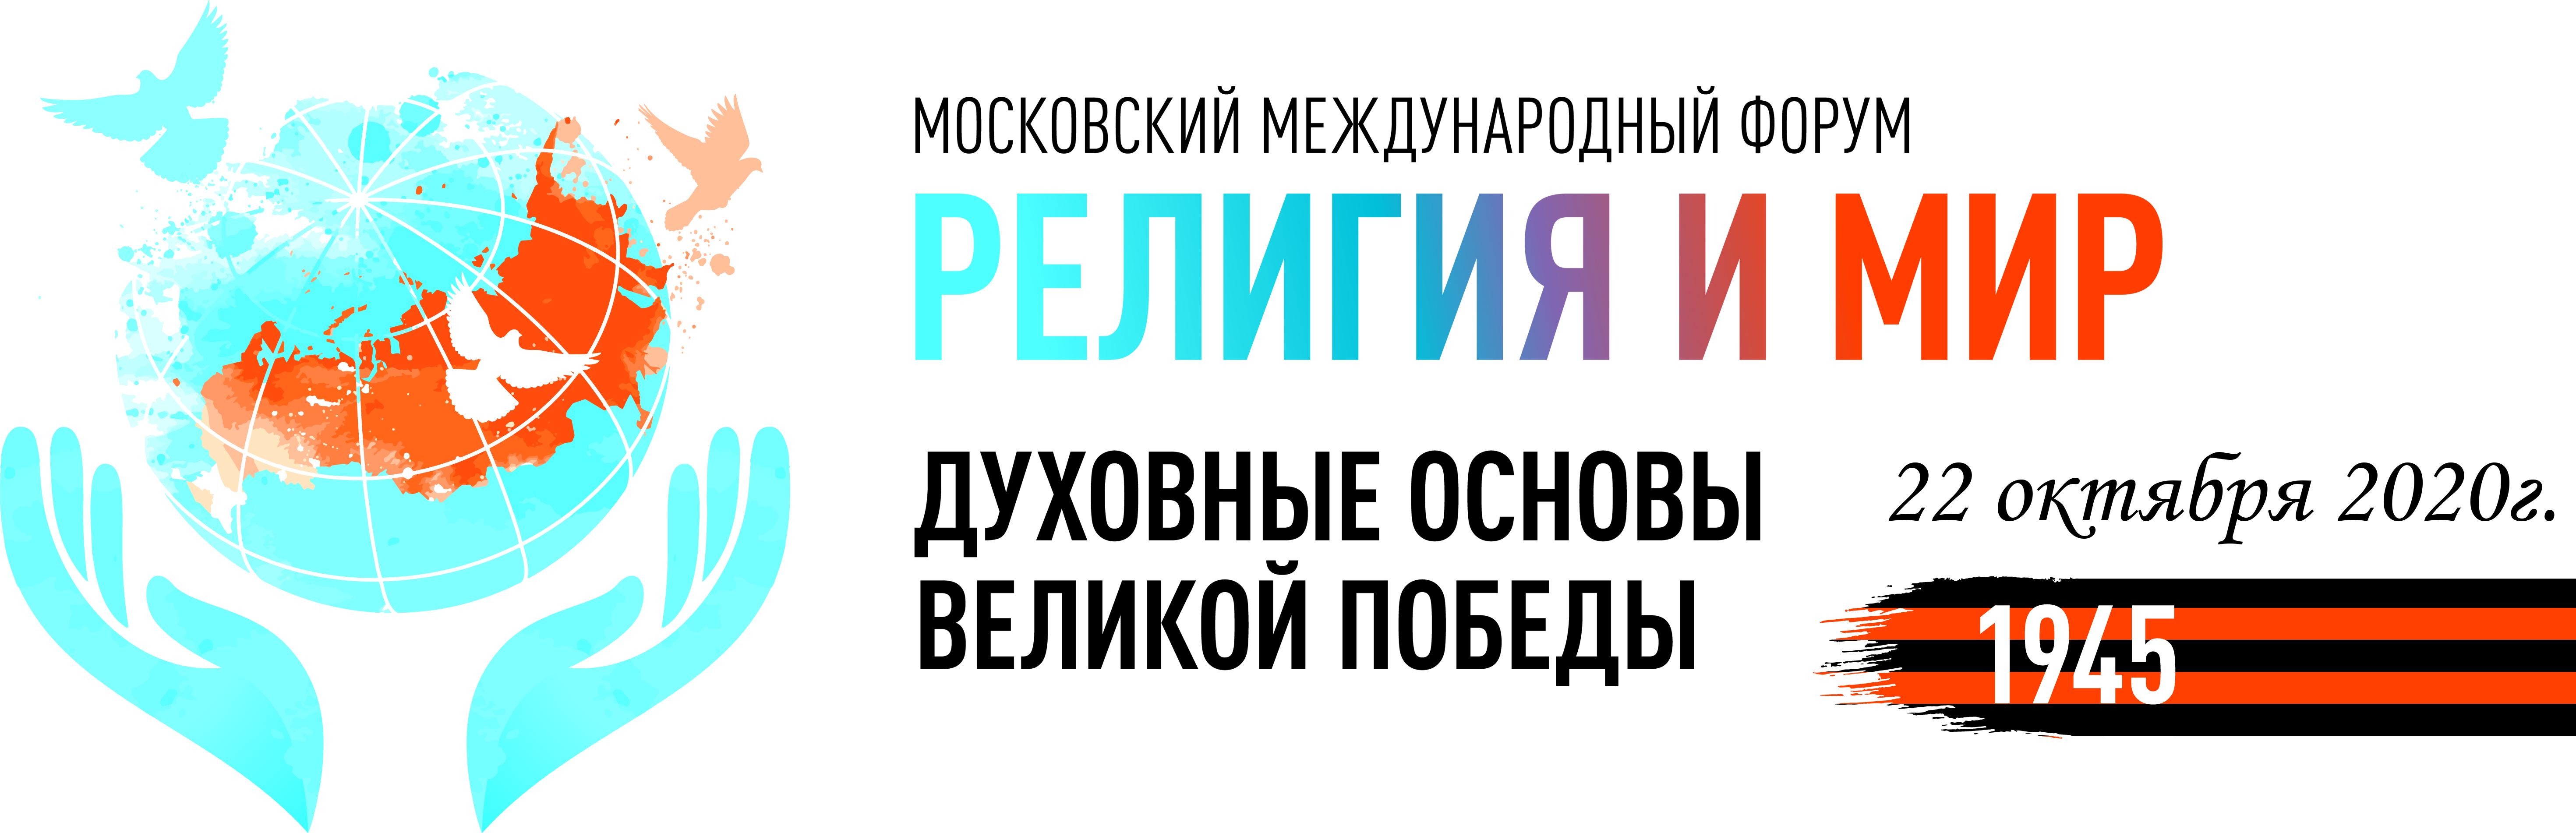 Пресс-релиз. Международный форум «Религия и Мир»